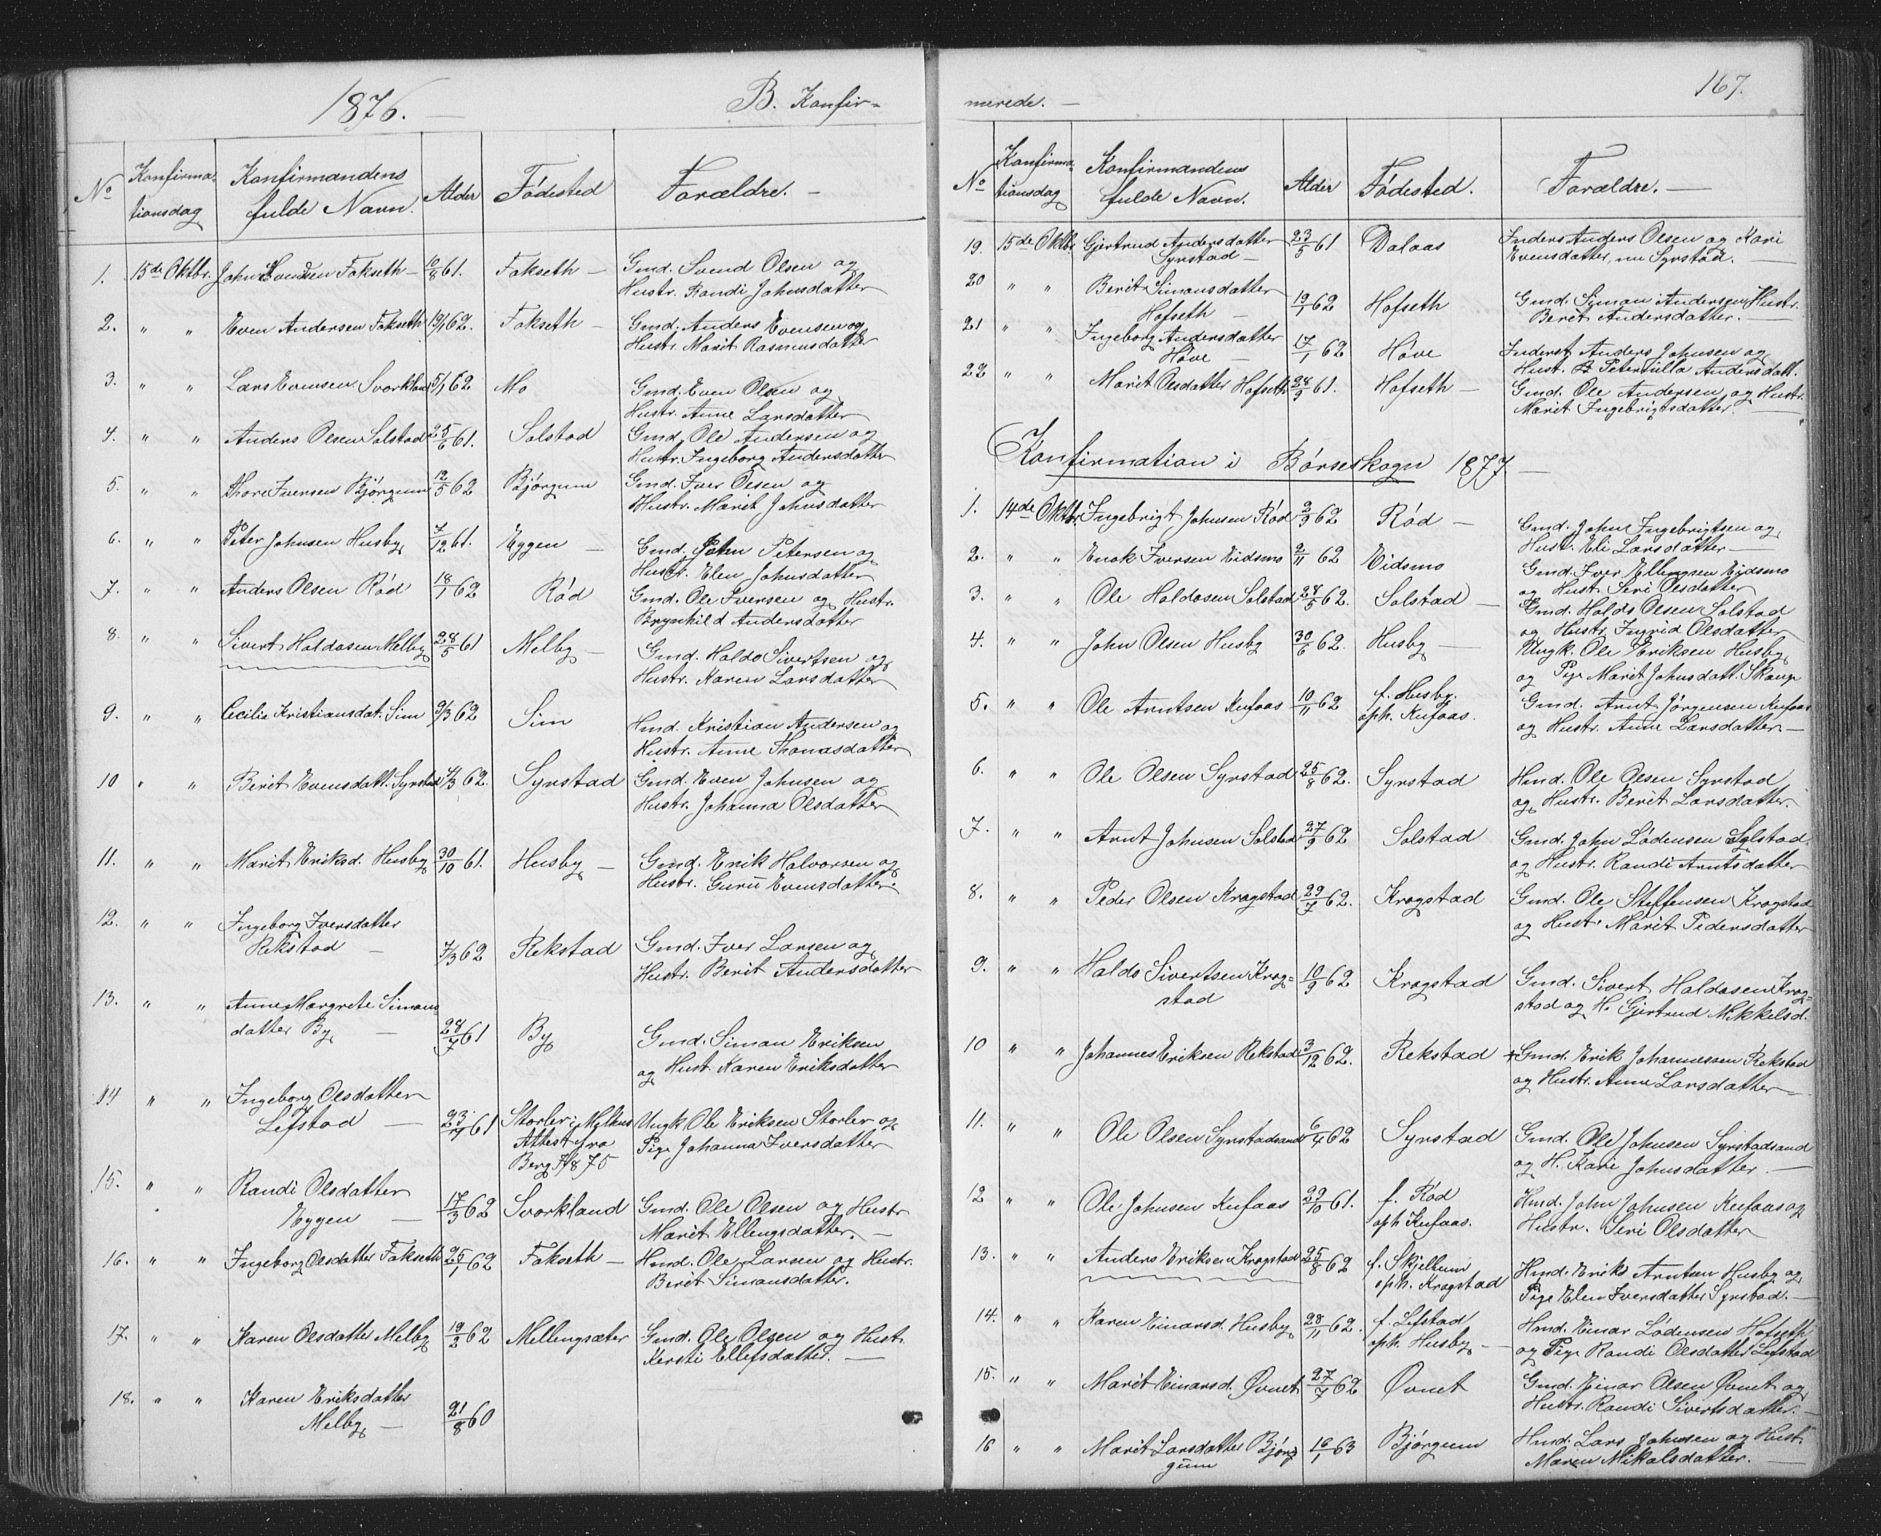 SAT, Ministerialprotokoller, klokkerbøker og fødselsregistre - Sør-Trøndelag, 667/L0798: Klokkerbok nr. 667C03, 1867-1929, s. 167